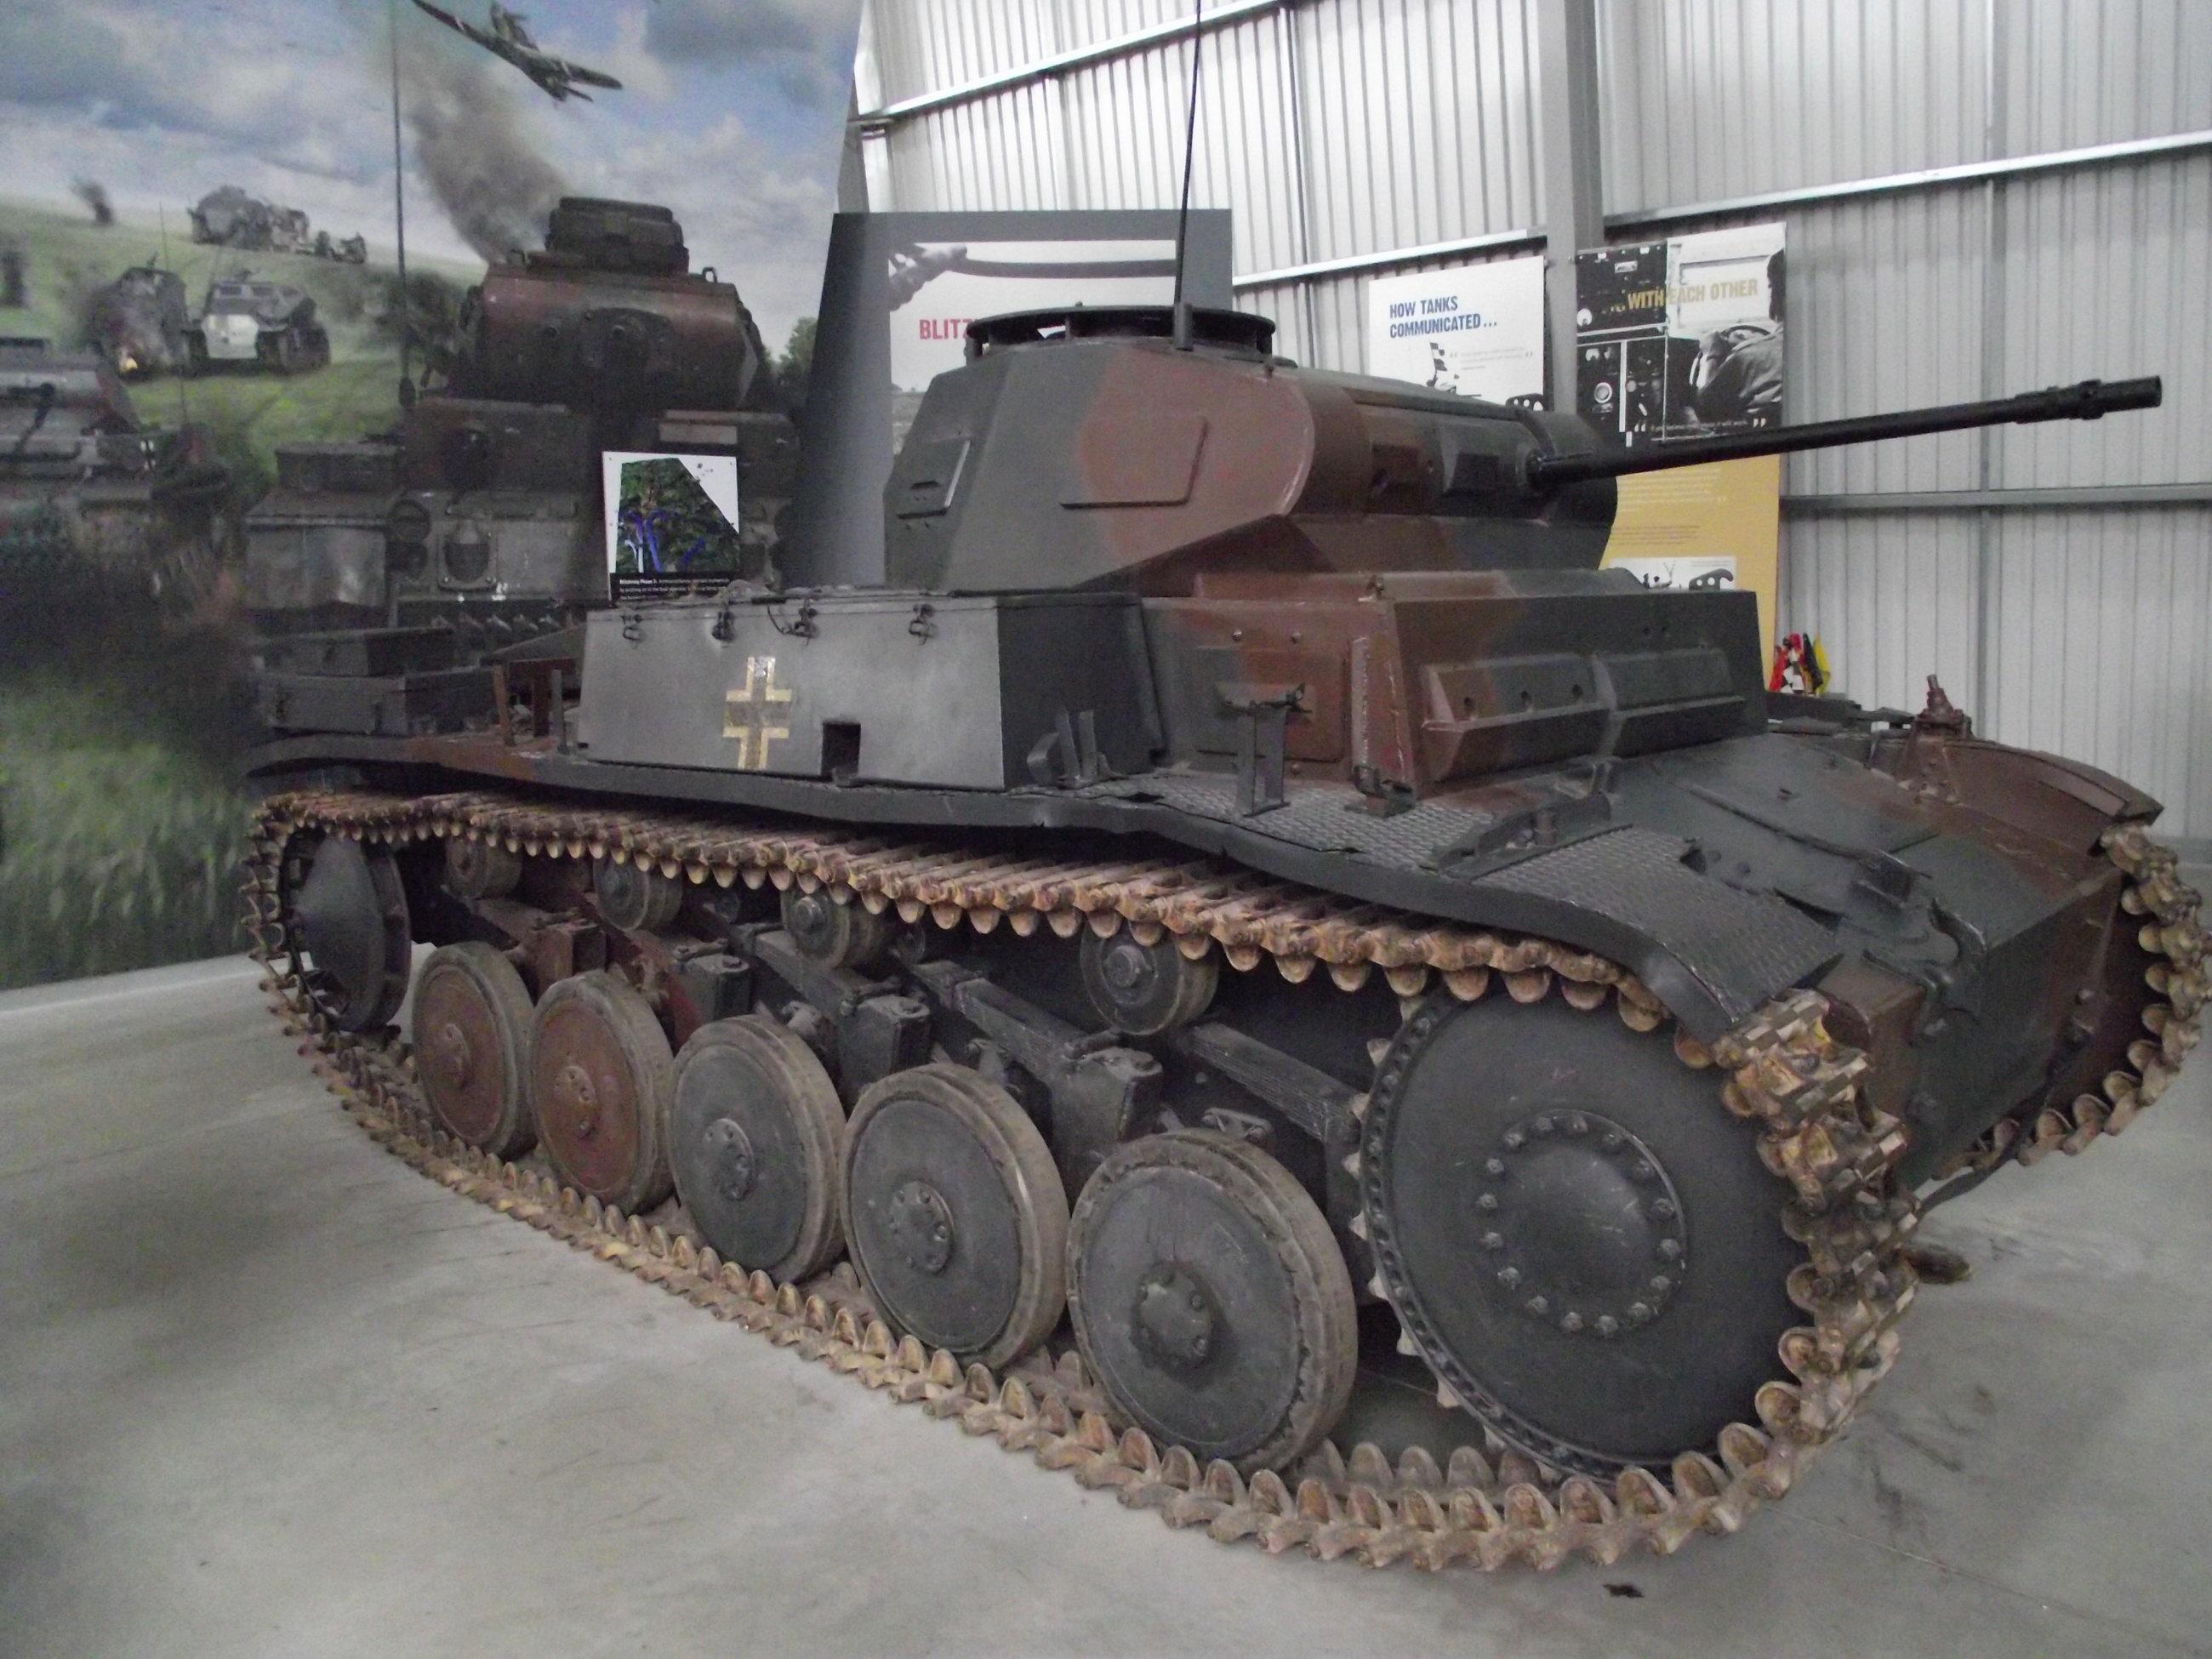 Tank_Museum_20180919_663.jpg